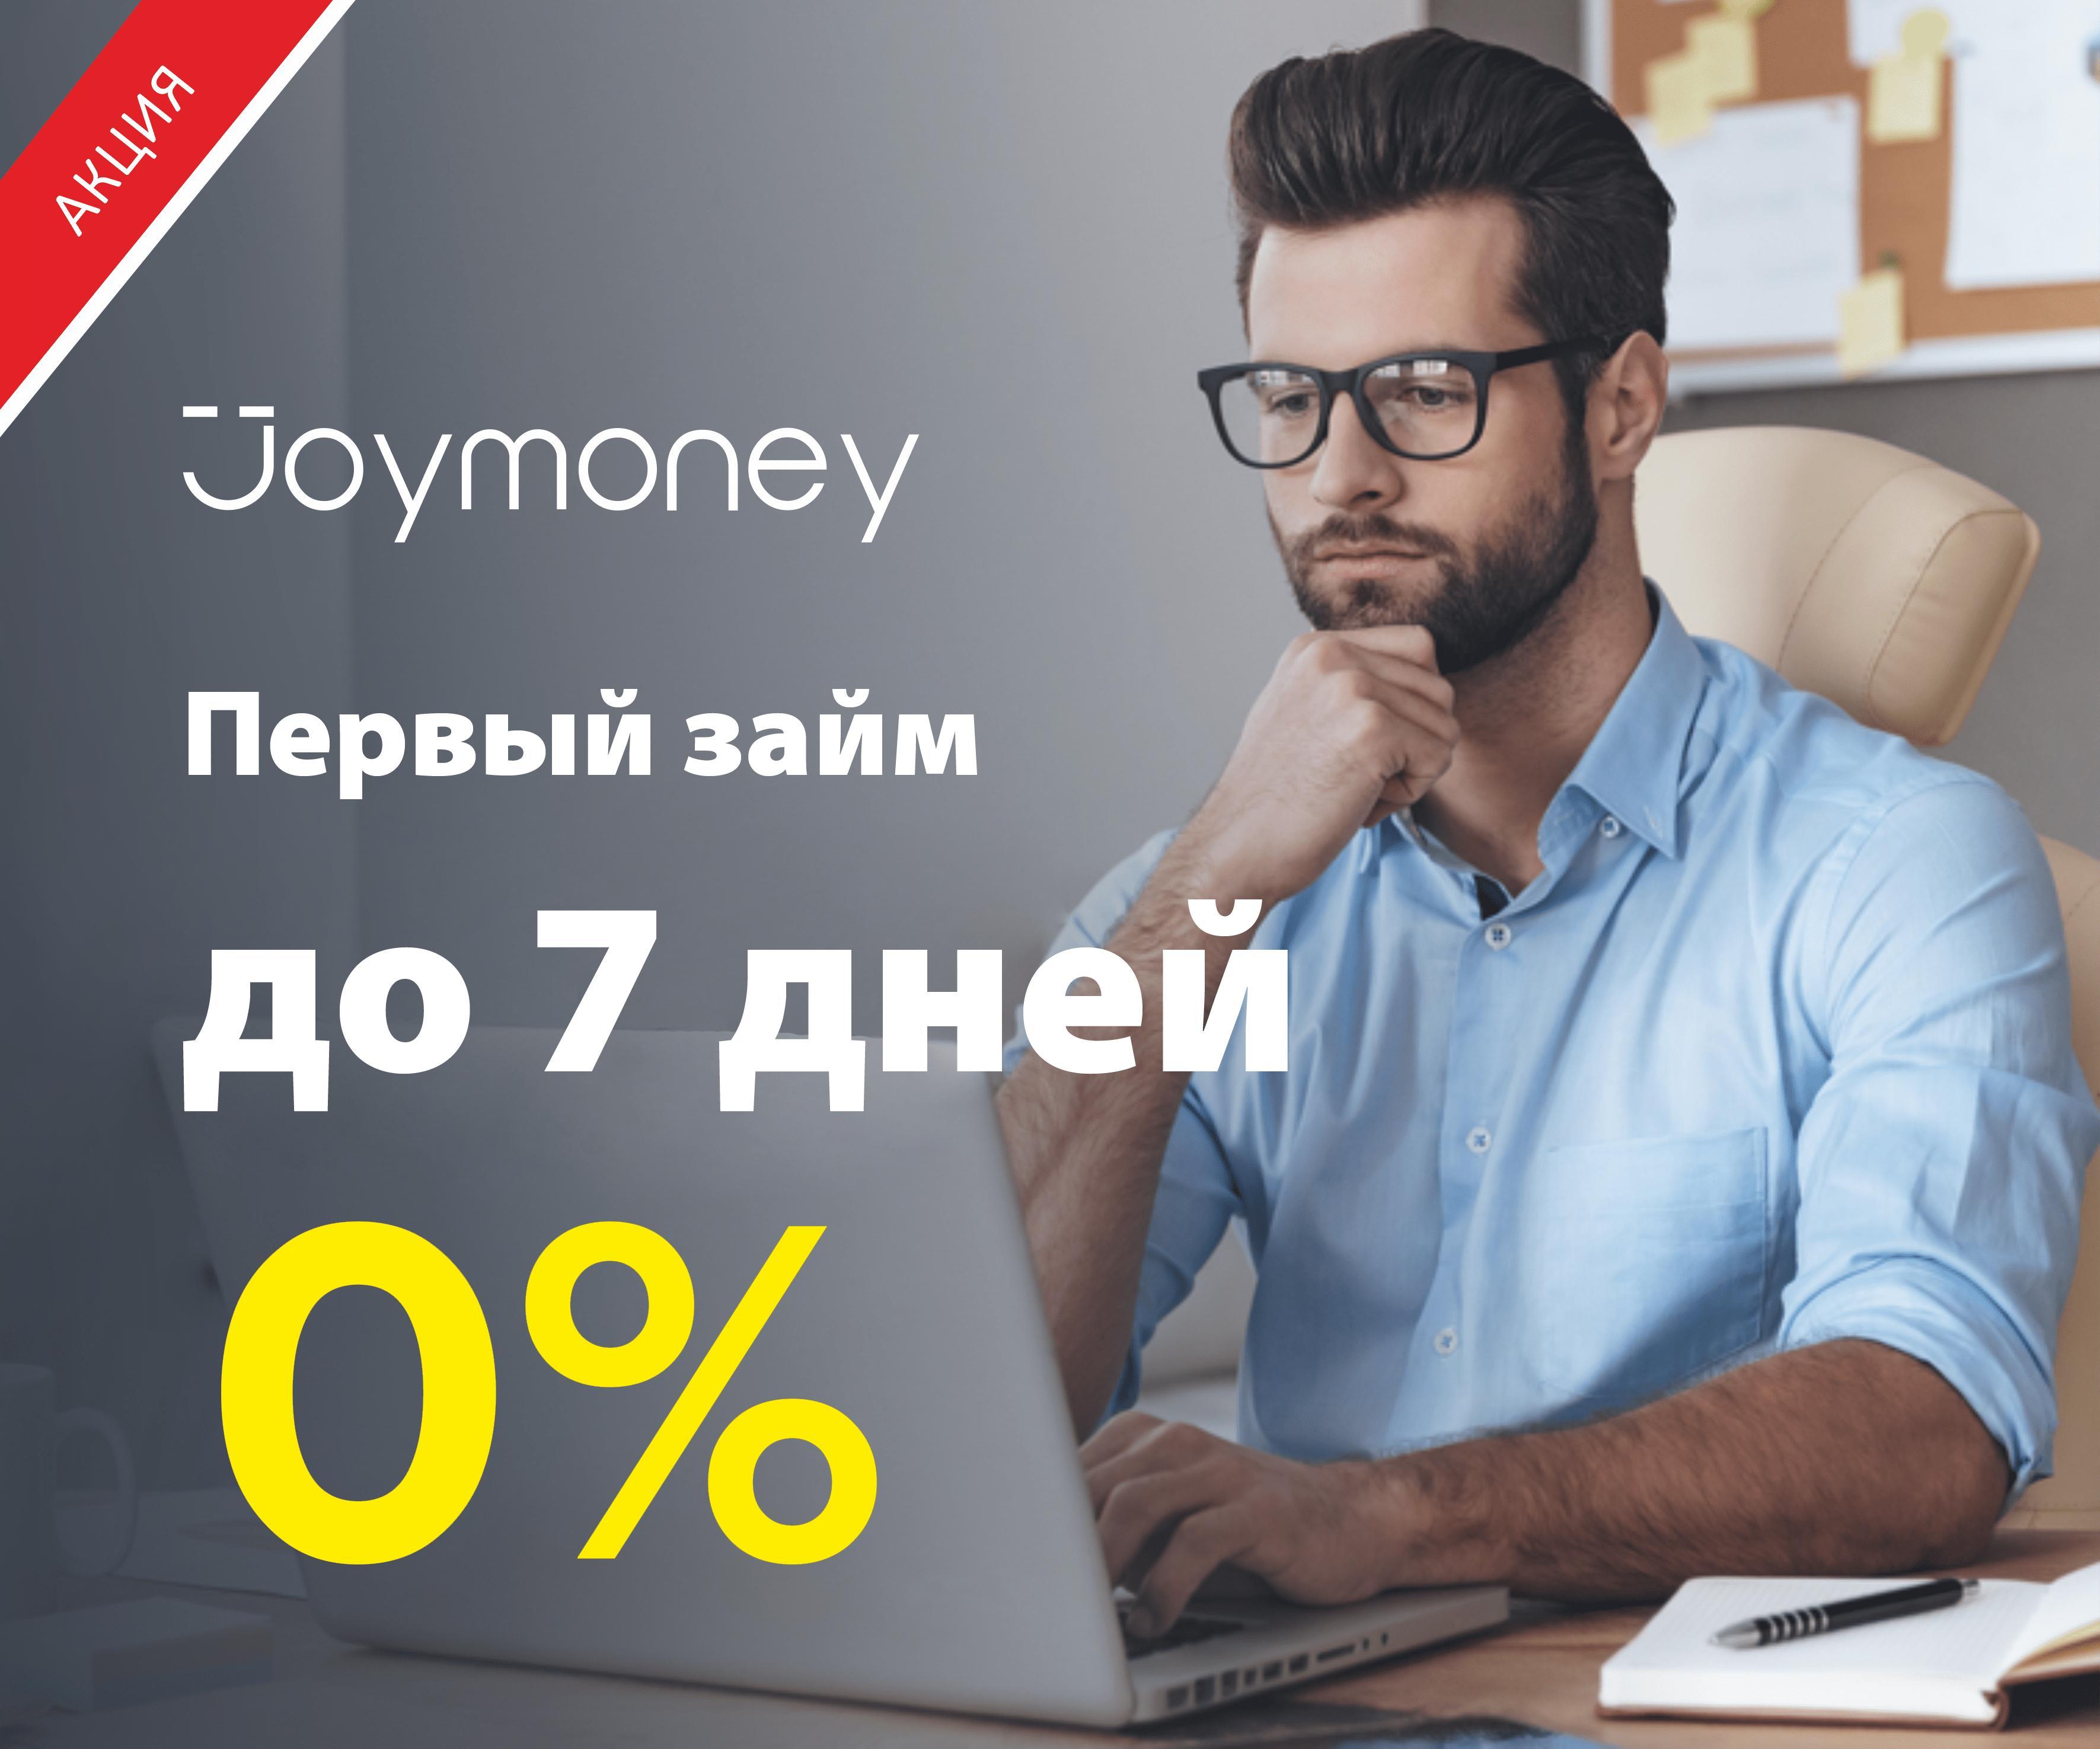 zajm-bez-procentov_8